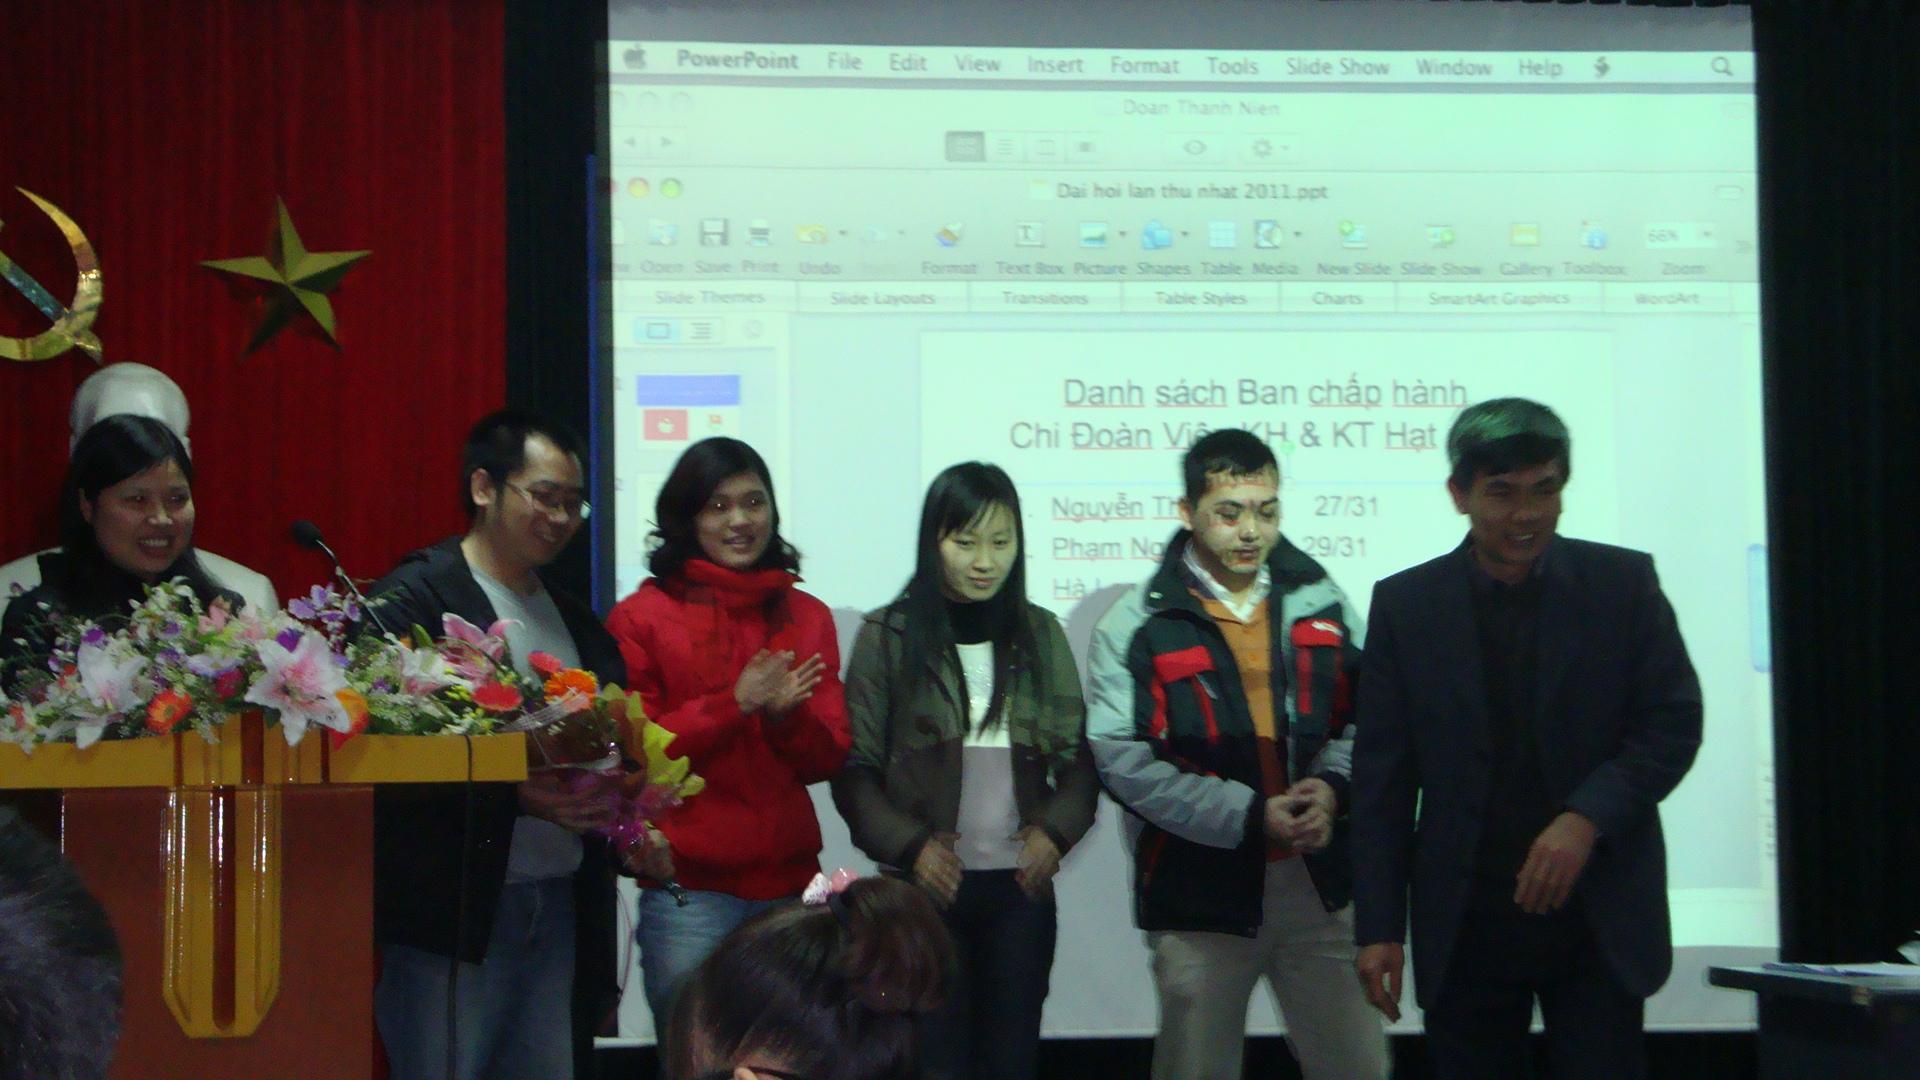 Giới thiệu Chi đoàn Thanh niên Viện Khoa học và Kỹ thuật Hạt nhân